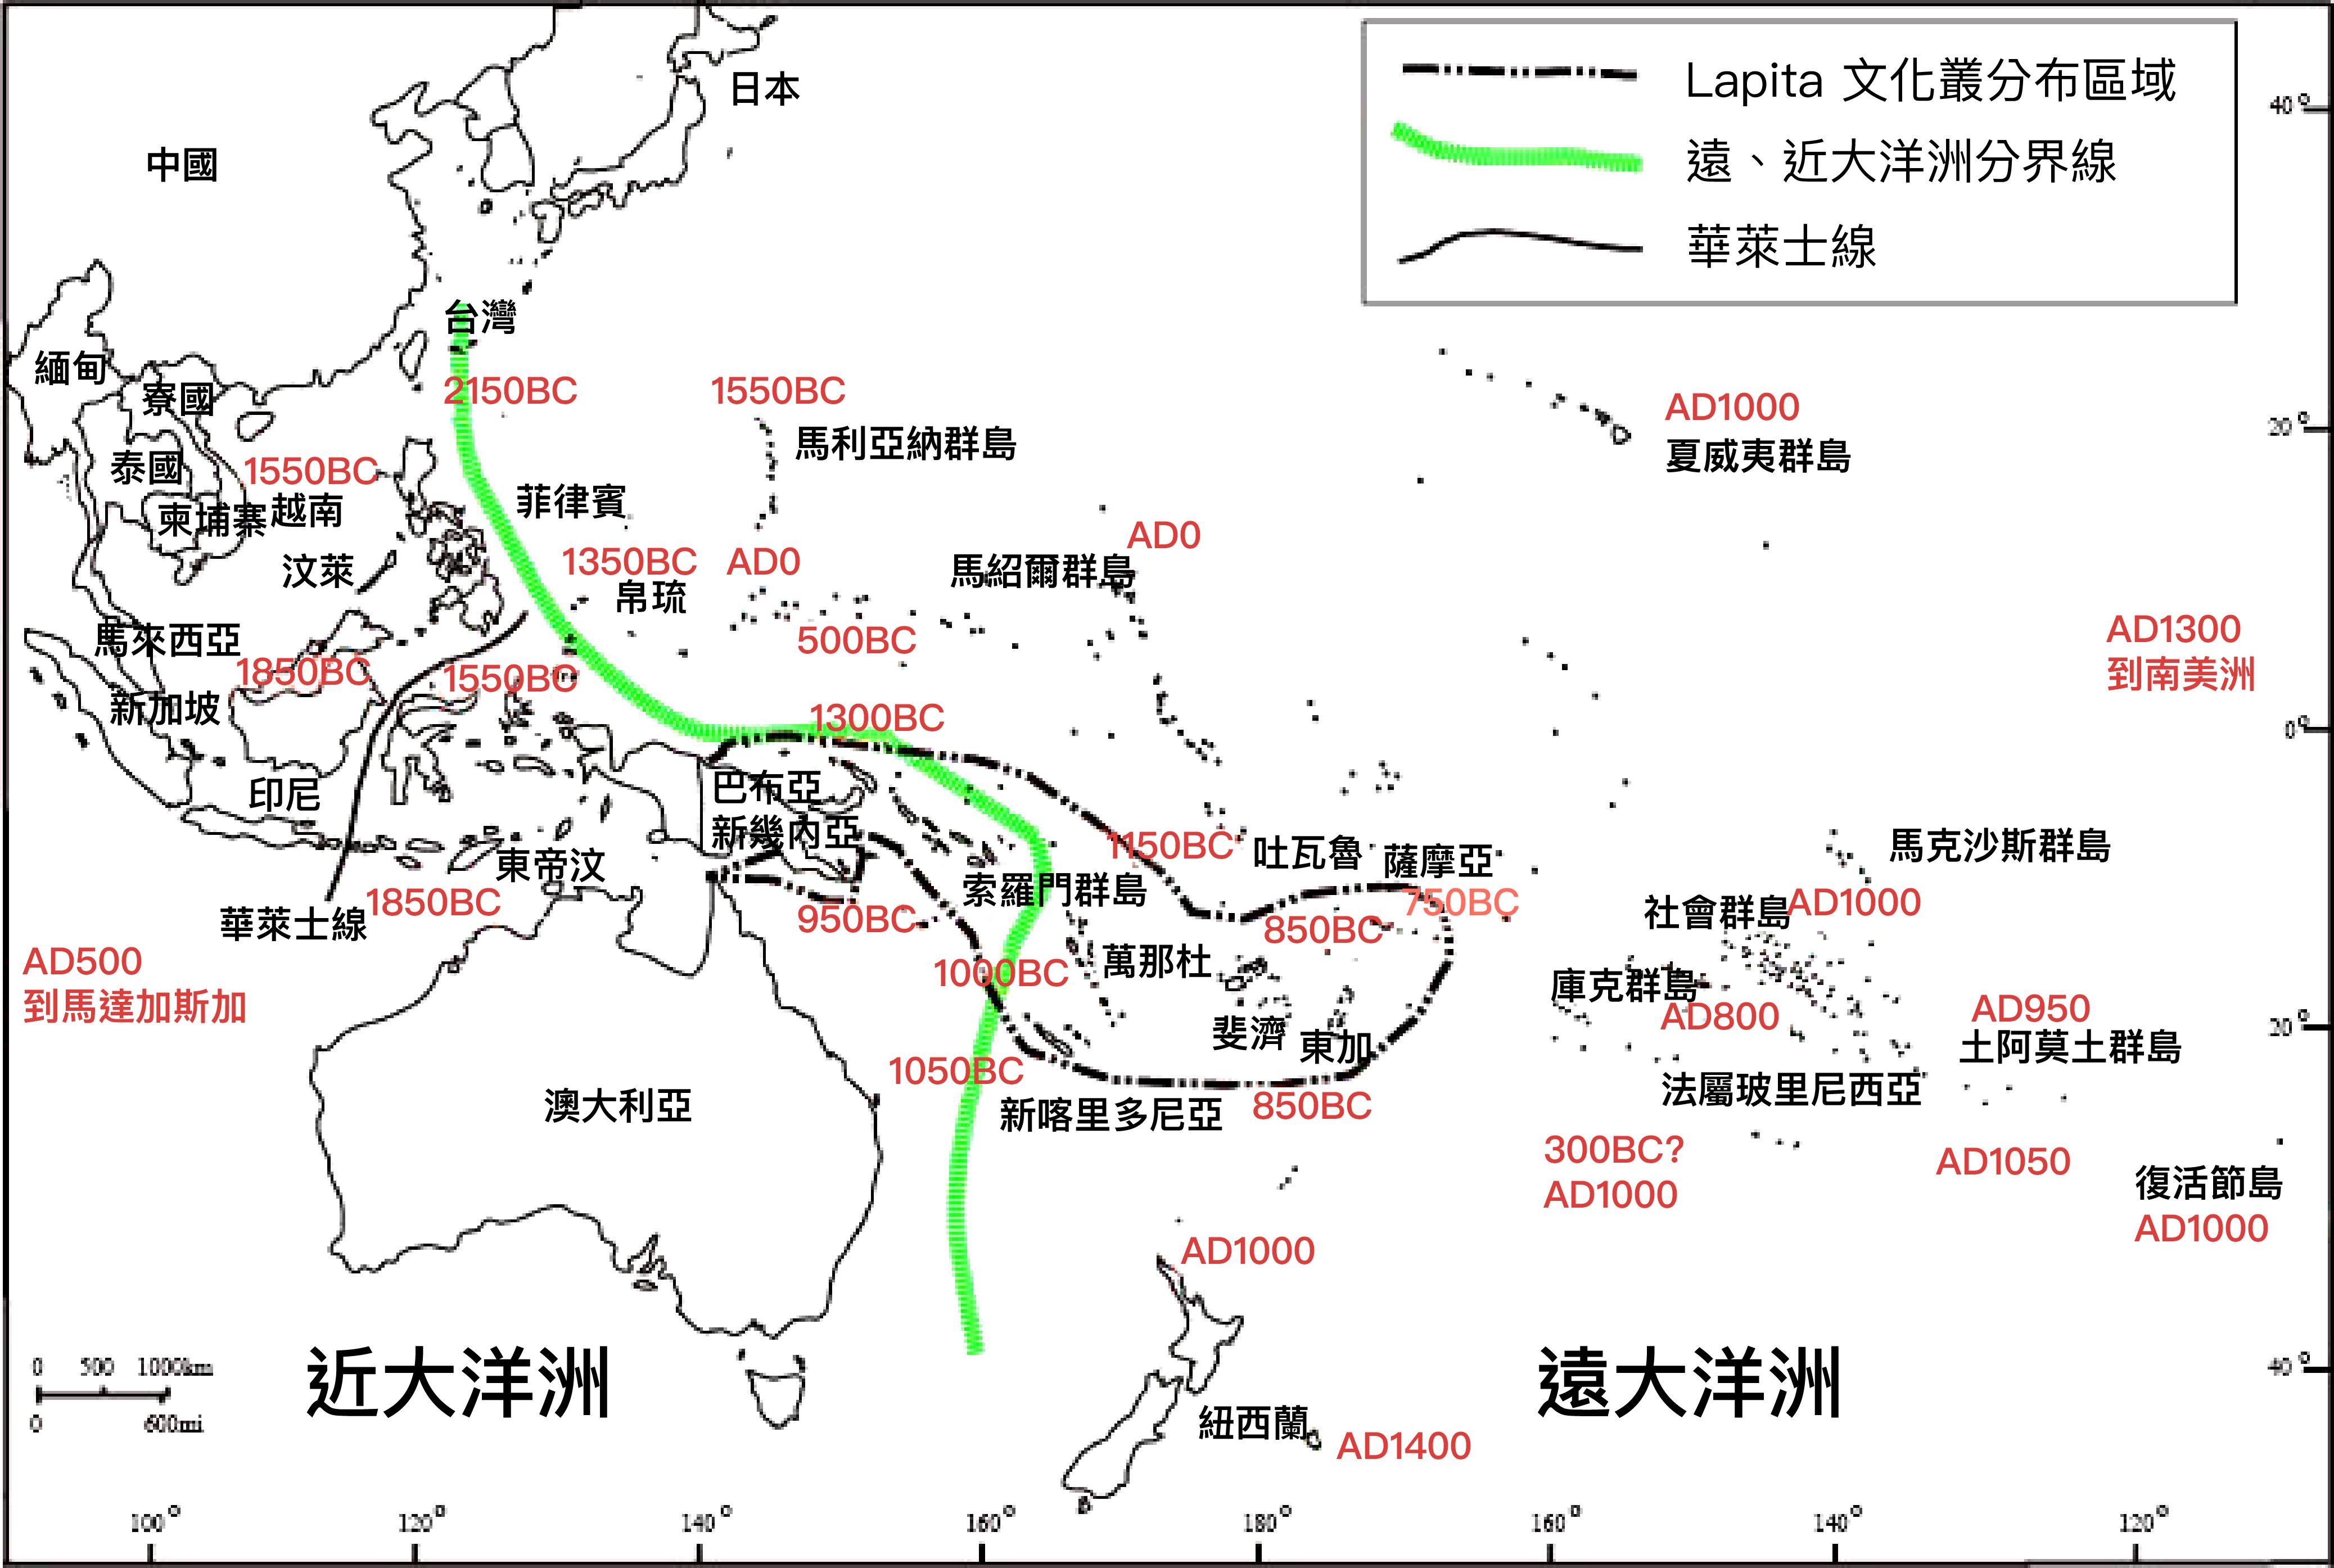 紅色時間點,表示南島語族遷徙至此處的年代。虛線區域,呈現 Lapita 文化叢分布區。 圖片來源│邱斯嘉提供